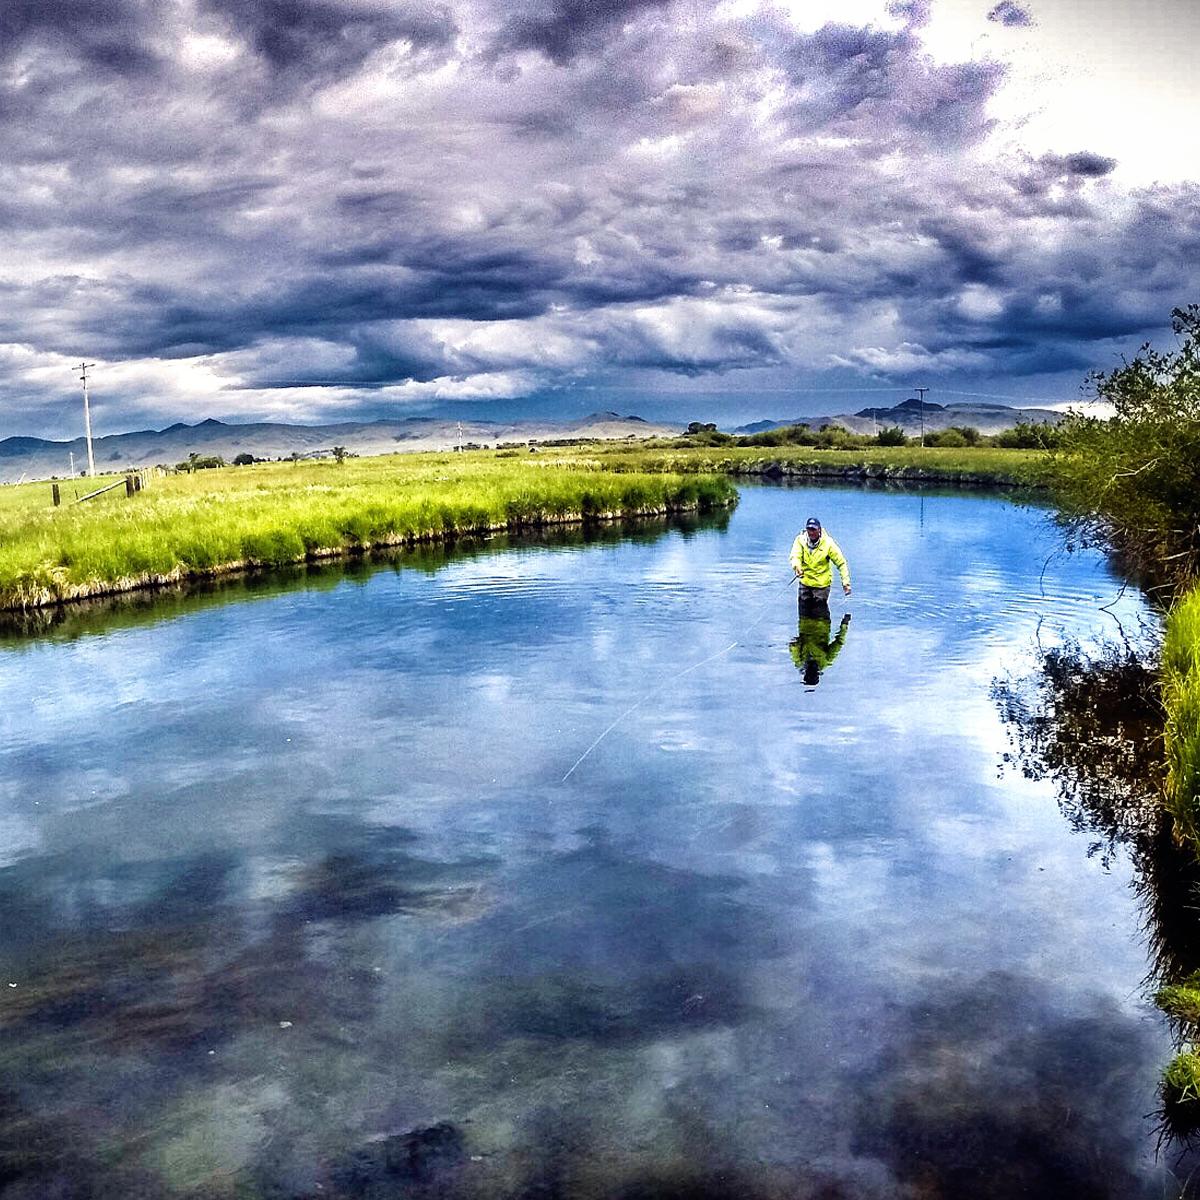 Winston-Fliegenruten-fuer-kleine-Flüsse-Flyfishing-Europe